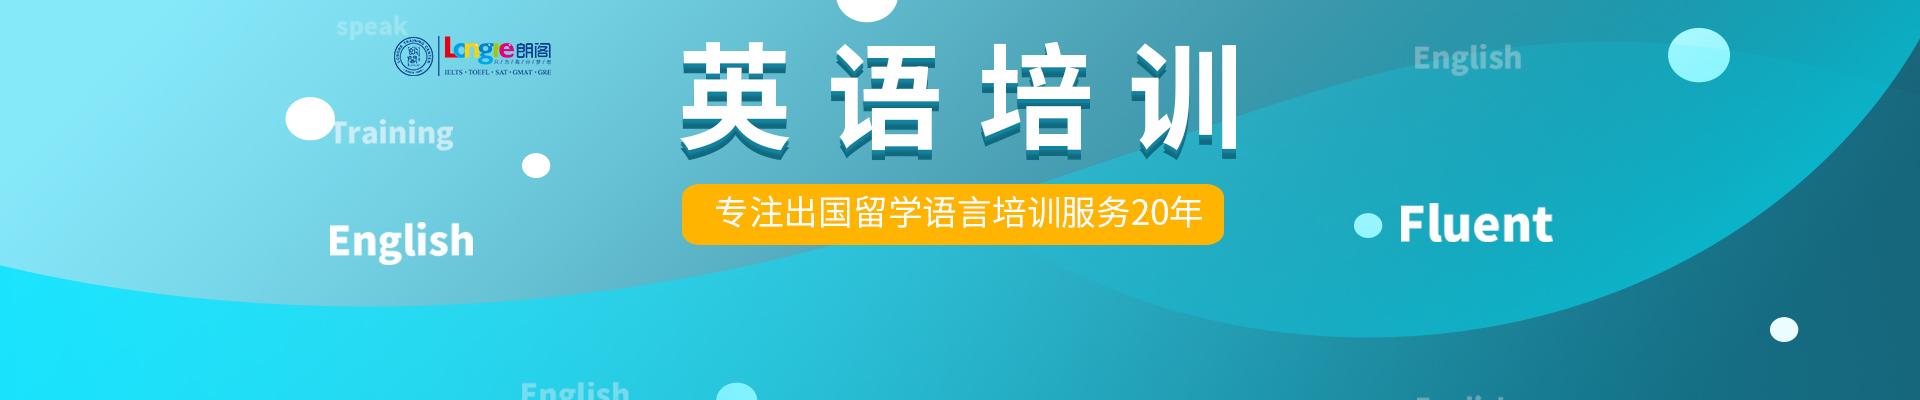 上海长宁区朗阁英语培训